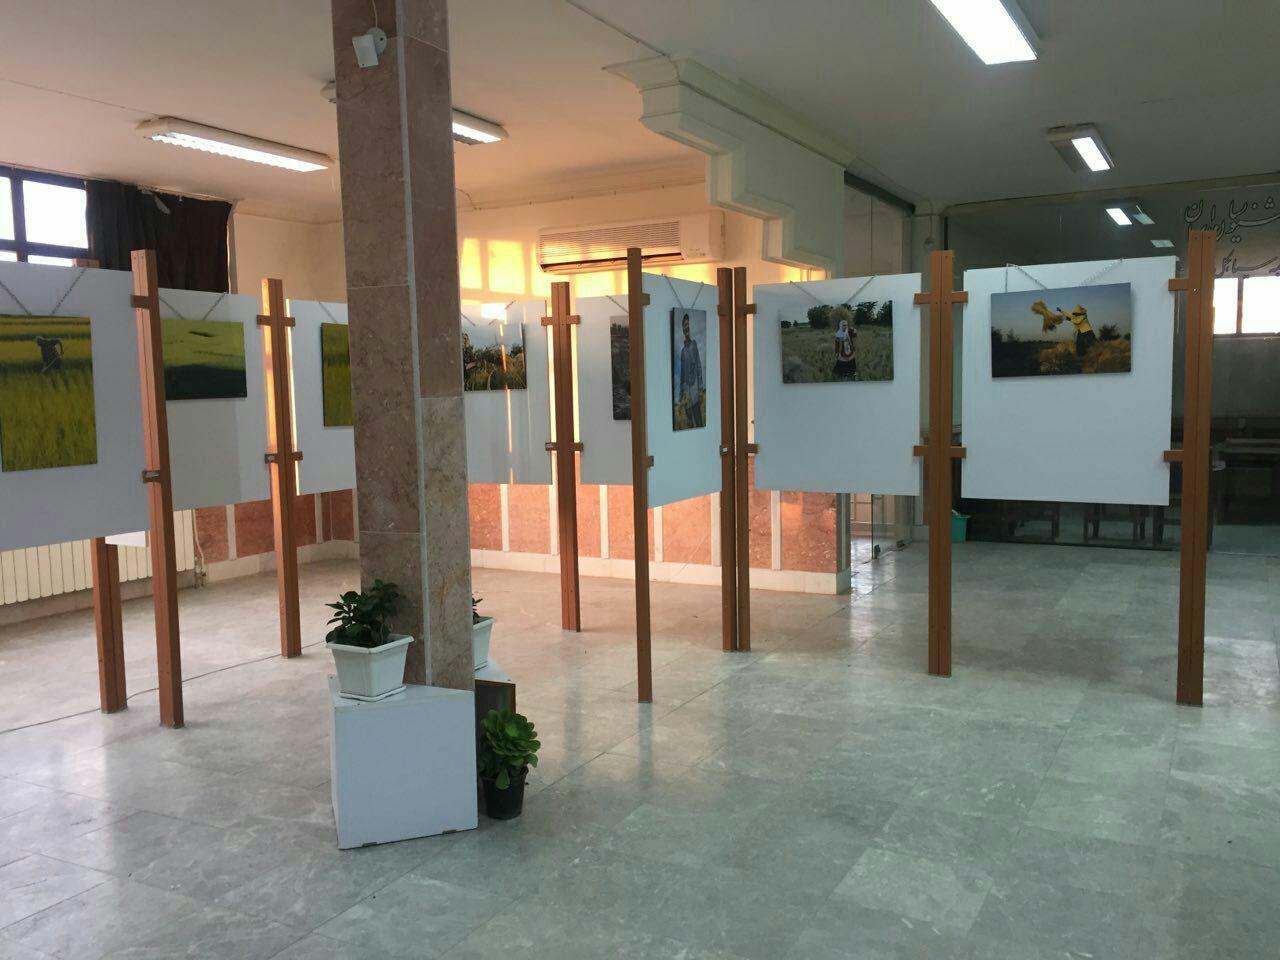 نمایشگاه عکس کاشت،داشت و برداشت برنج در سیاهکل افتتاح شد